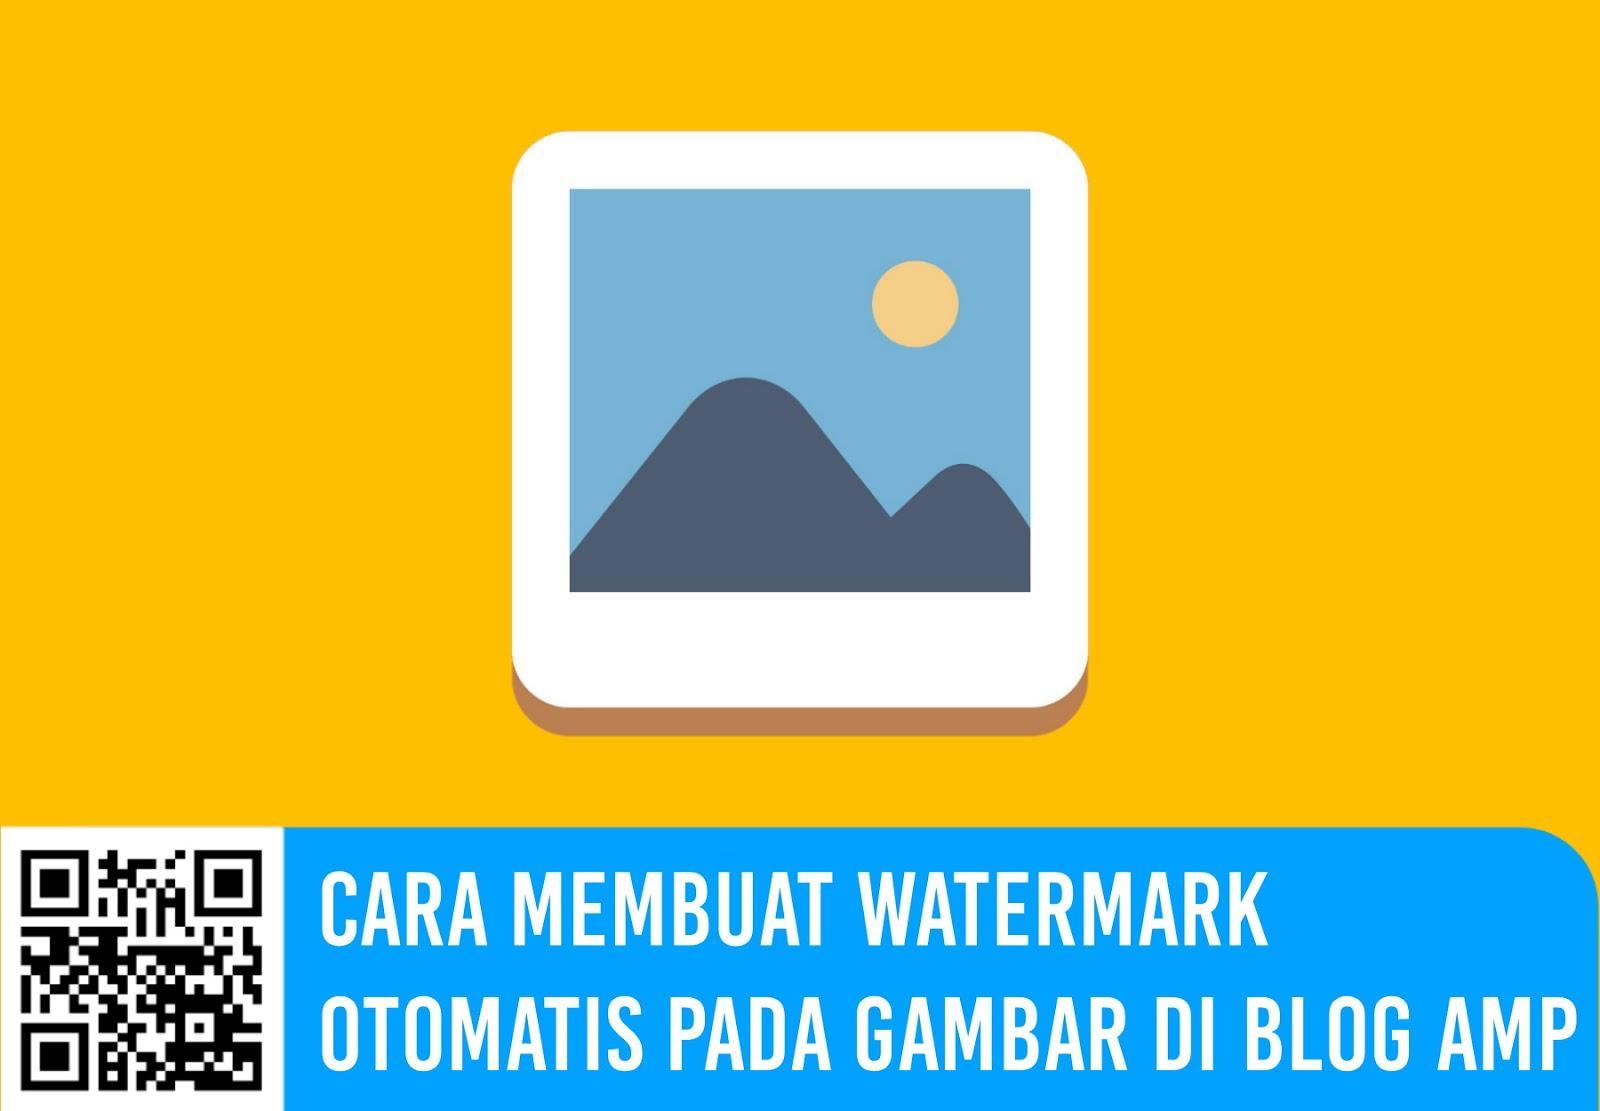 Cara Membuat Watermark Otomatis pada Gambar di Blog AMP